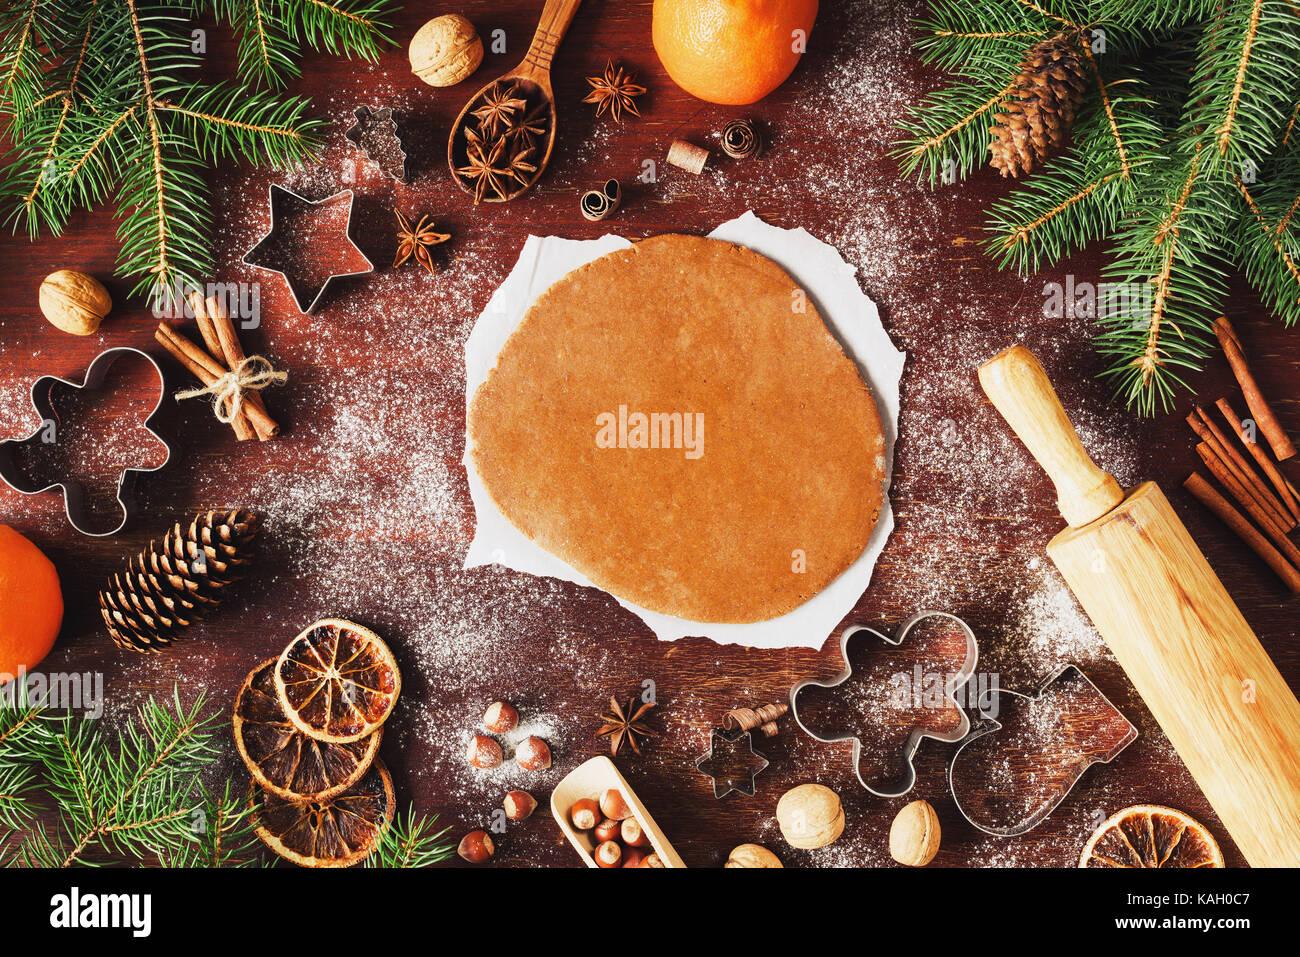 La masa de galleta de jengibre rodó sobre la mesa con adornos de navidad y año nuevo. cookie cutters, Imagen De Stock